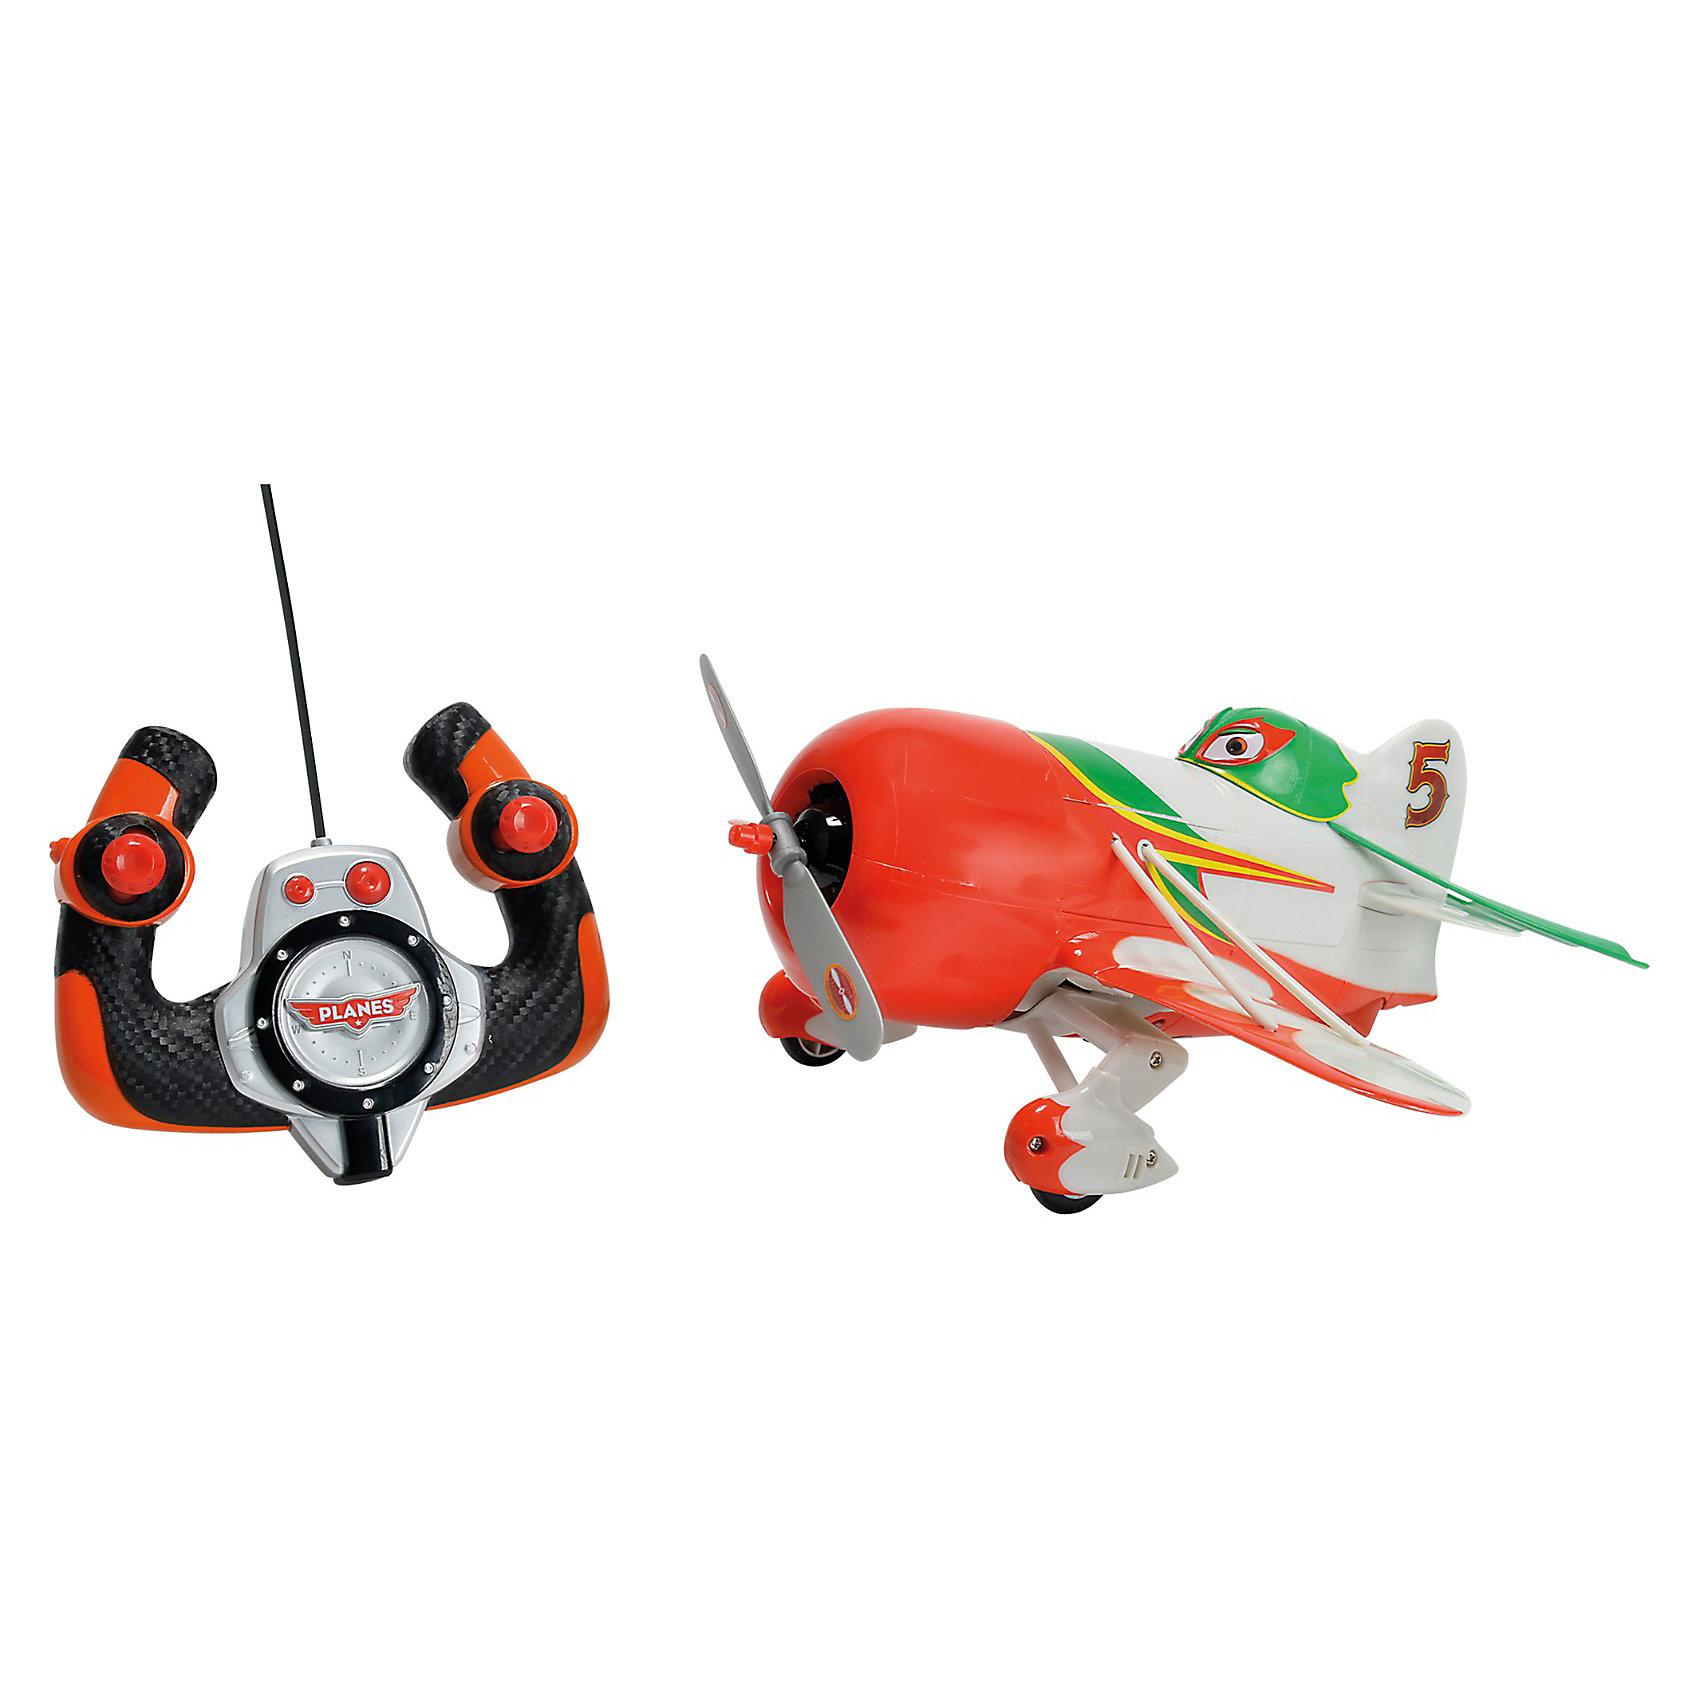 Самолет Чупакабра, 1:24, 27 см, Dickie ToysСамолёты и вертолёты<br>Характеристики:<br><br>• длина самолетика: 27 см;<br>• масштаб: 1:24;<br>• особенности игрушки: звуковые эффекты;<br>• комплектация: самолет, пульт управления;<br>• частота работы пульта - от 27 до 40 МГц;<br>• пульт управления с функцией дрифта и турборежимом;<br>• материал: пластик;<br>• размер упаковки: 35,5х17,5х30 см;<br>• вес: 1,19 кг<br><br>Самолетик Чупакабра на пульте управления не летает, а только ездит по ровной поверхности. Во время движения самолетика слышен звук работающего двигателя. Пропеллер вращается, колеса вращаются, самолетик приведен в движение. <br><br>Самолет Чупакабра, 1:24, 27 см, Dickie Toys можно купить в нашем магазине.<br><br>Ширина мм: 364<br>Глубина мм: 302<br>Высота мм: 185<br>Вес г: 944<br>Возраст от месяцев: 36<br>Возраст до месяцев: 1164<br>Пол: Мужской<br>Возраст: Детский<br>SKU: 3167816